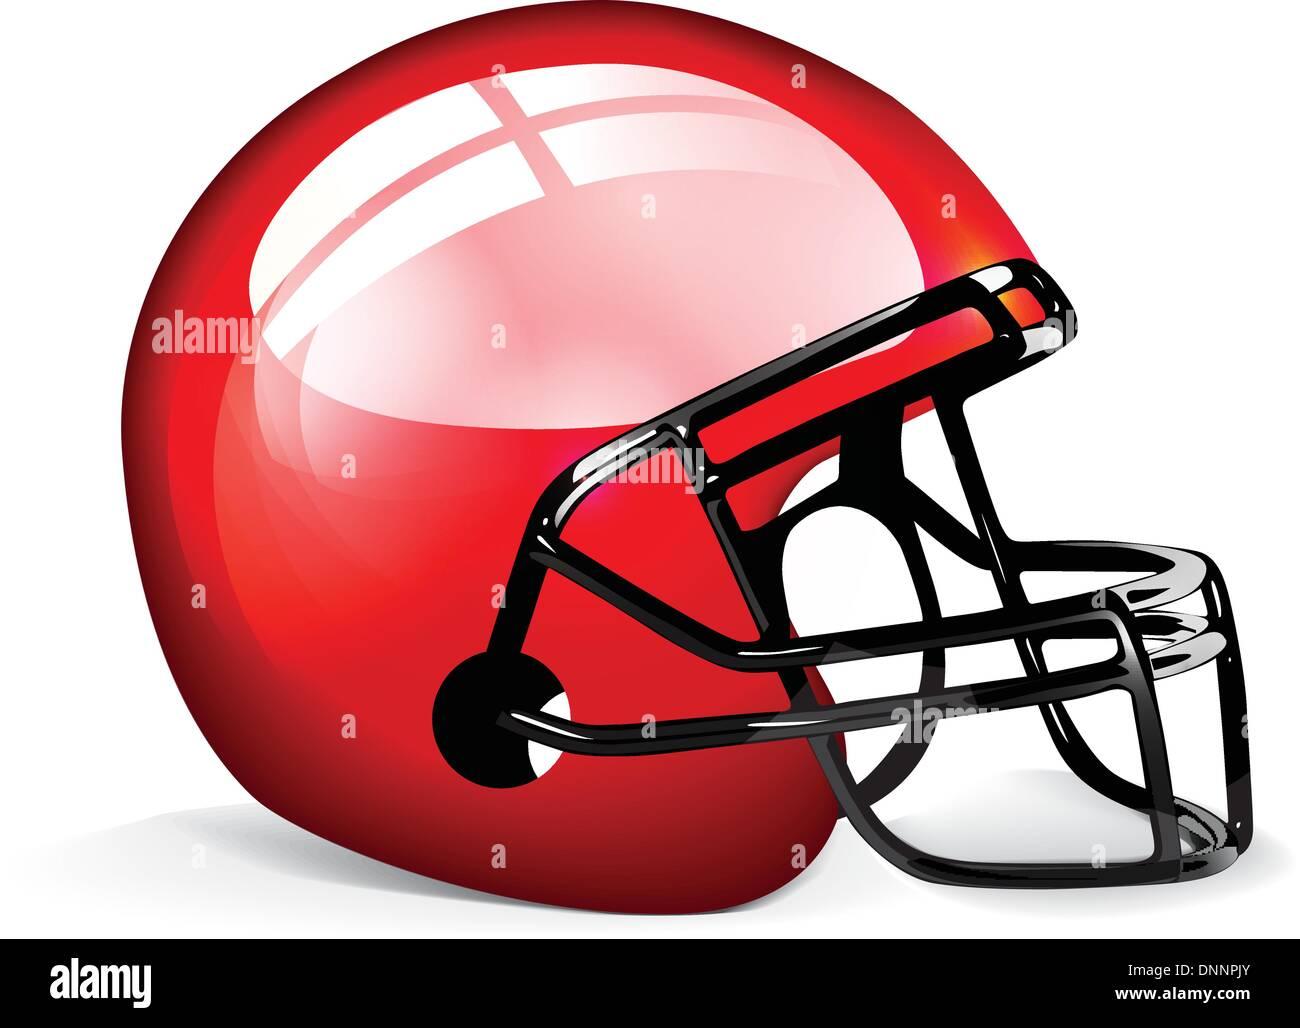 Rote Football Helm isoliert auf weißem Hintergrund Stockbild